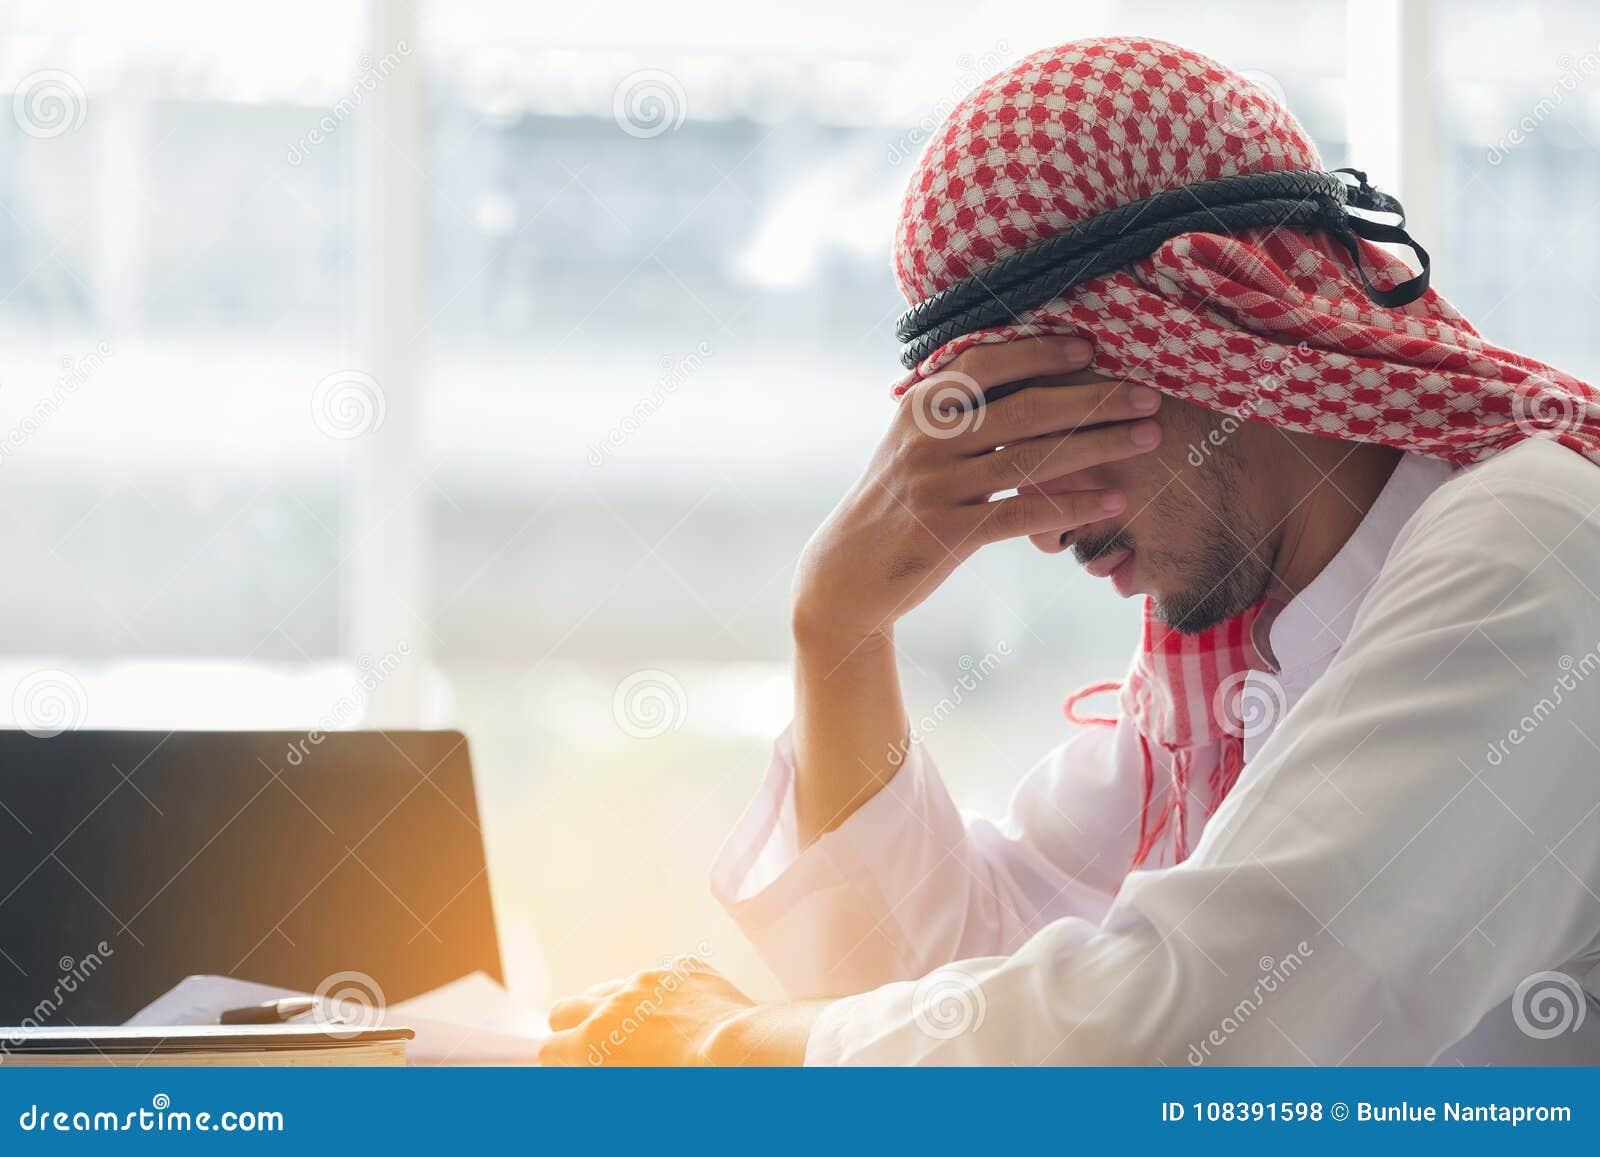 Homme saoudien arabe travaillant dans un bureau travail arabe de